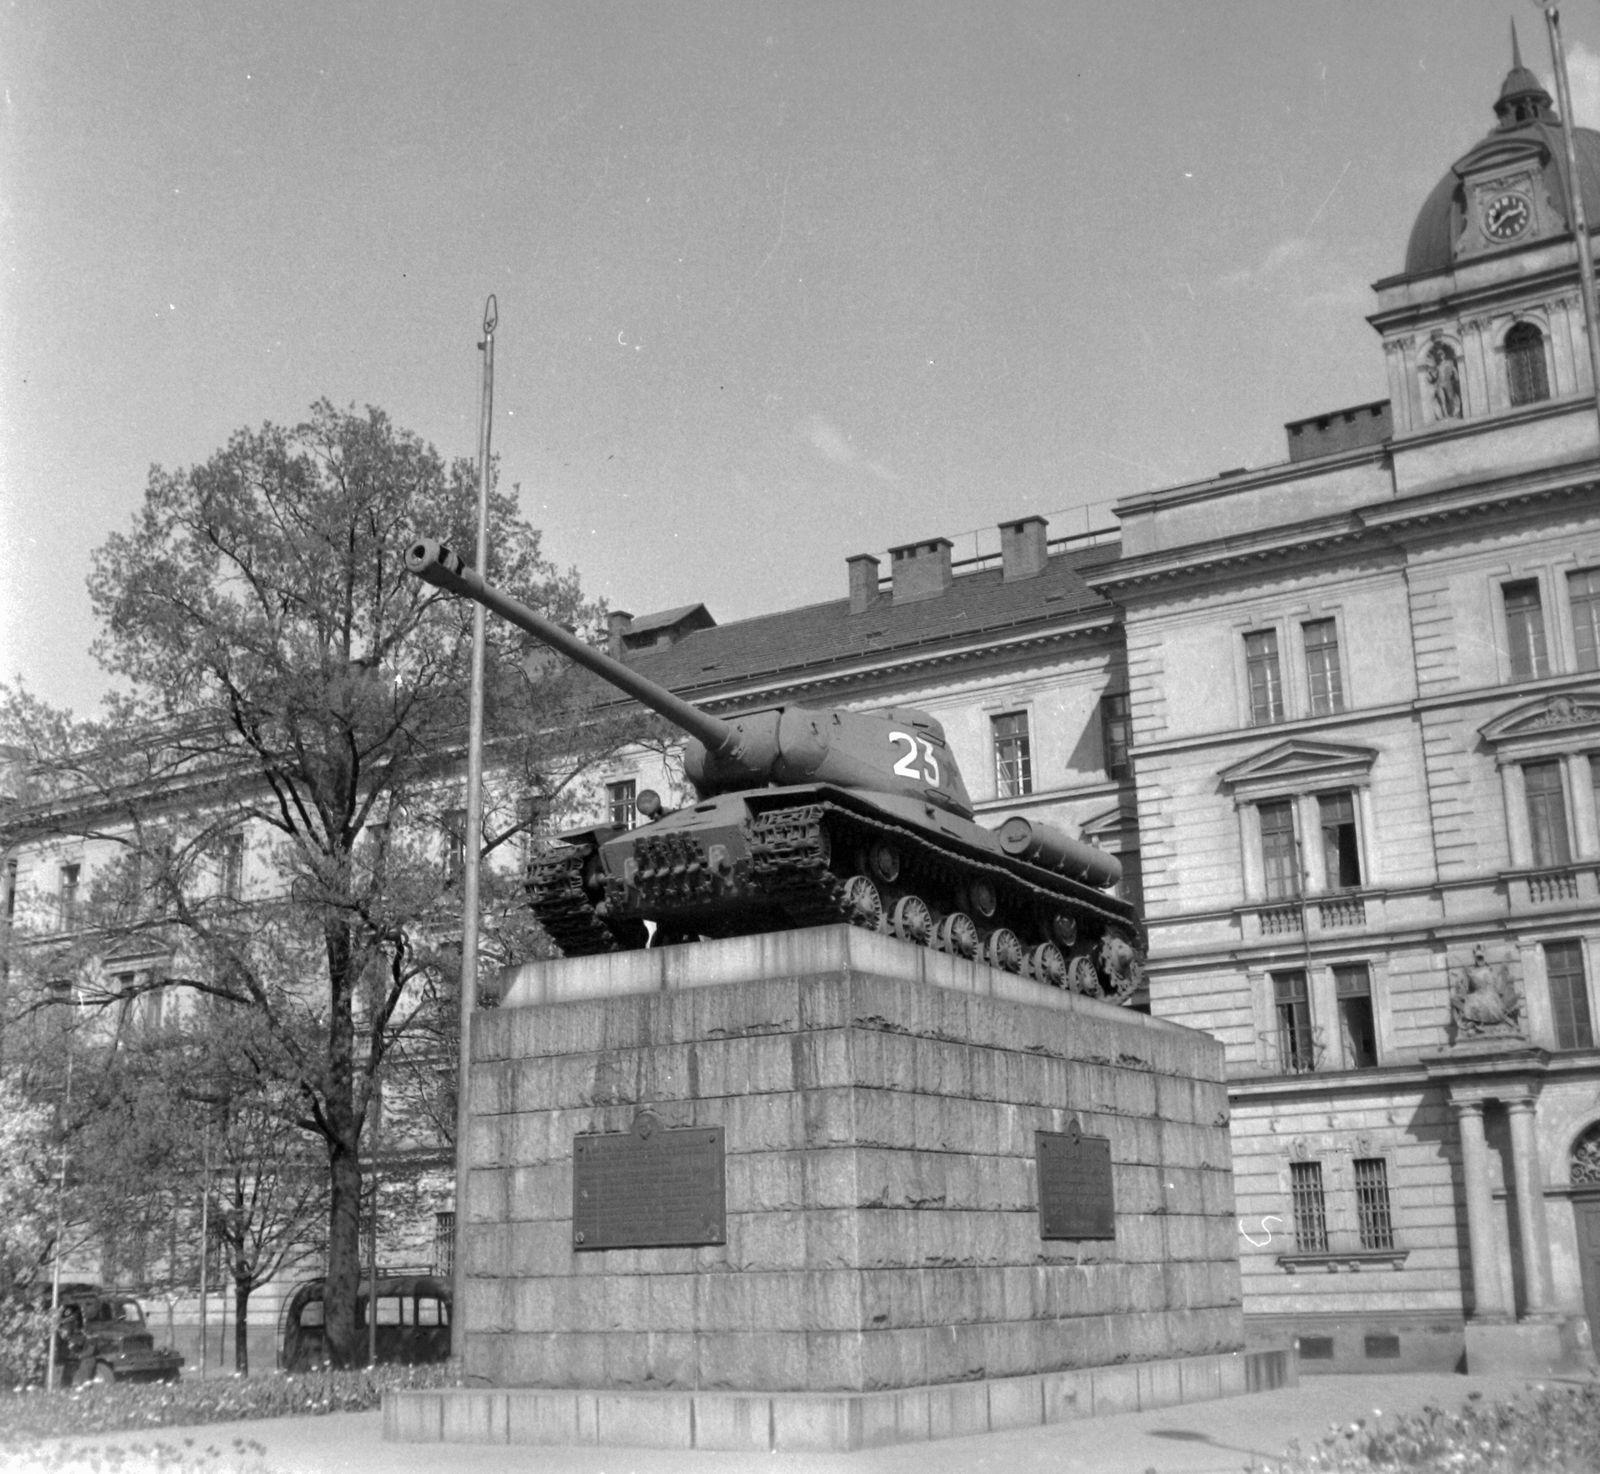 Panzer 23 Denkmal Tschechische Republik